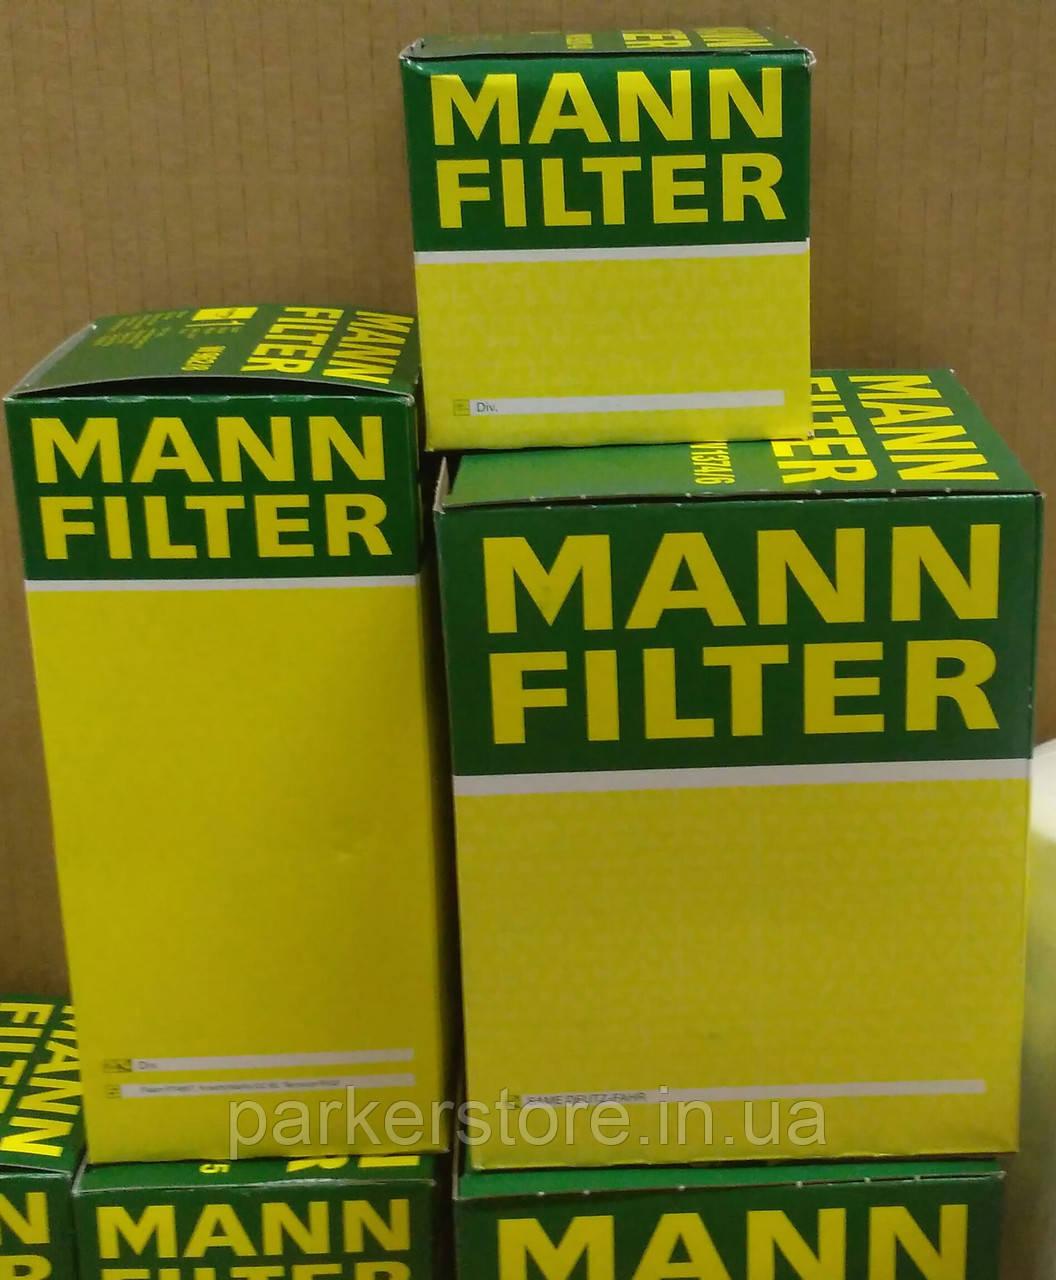 MANN FILTER / Воздушный фильтр / C 15 124/1 / C15124/1